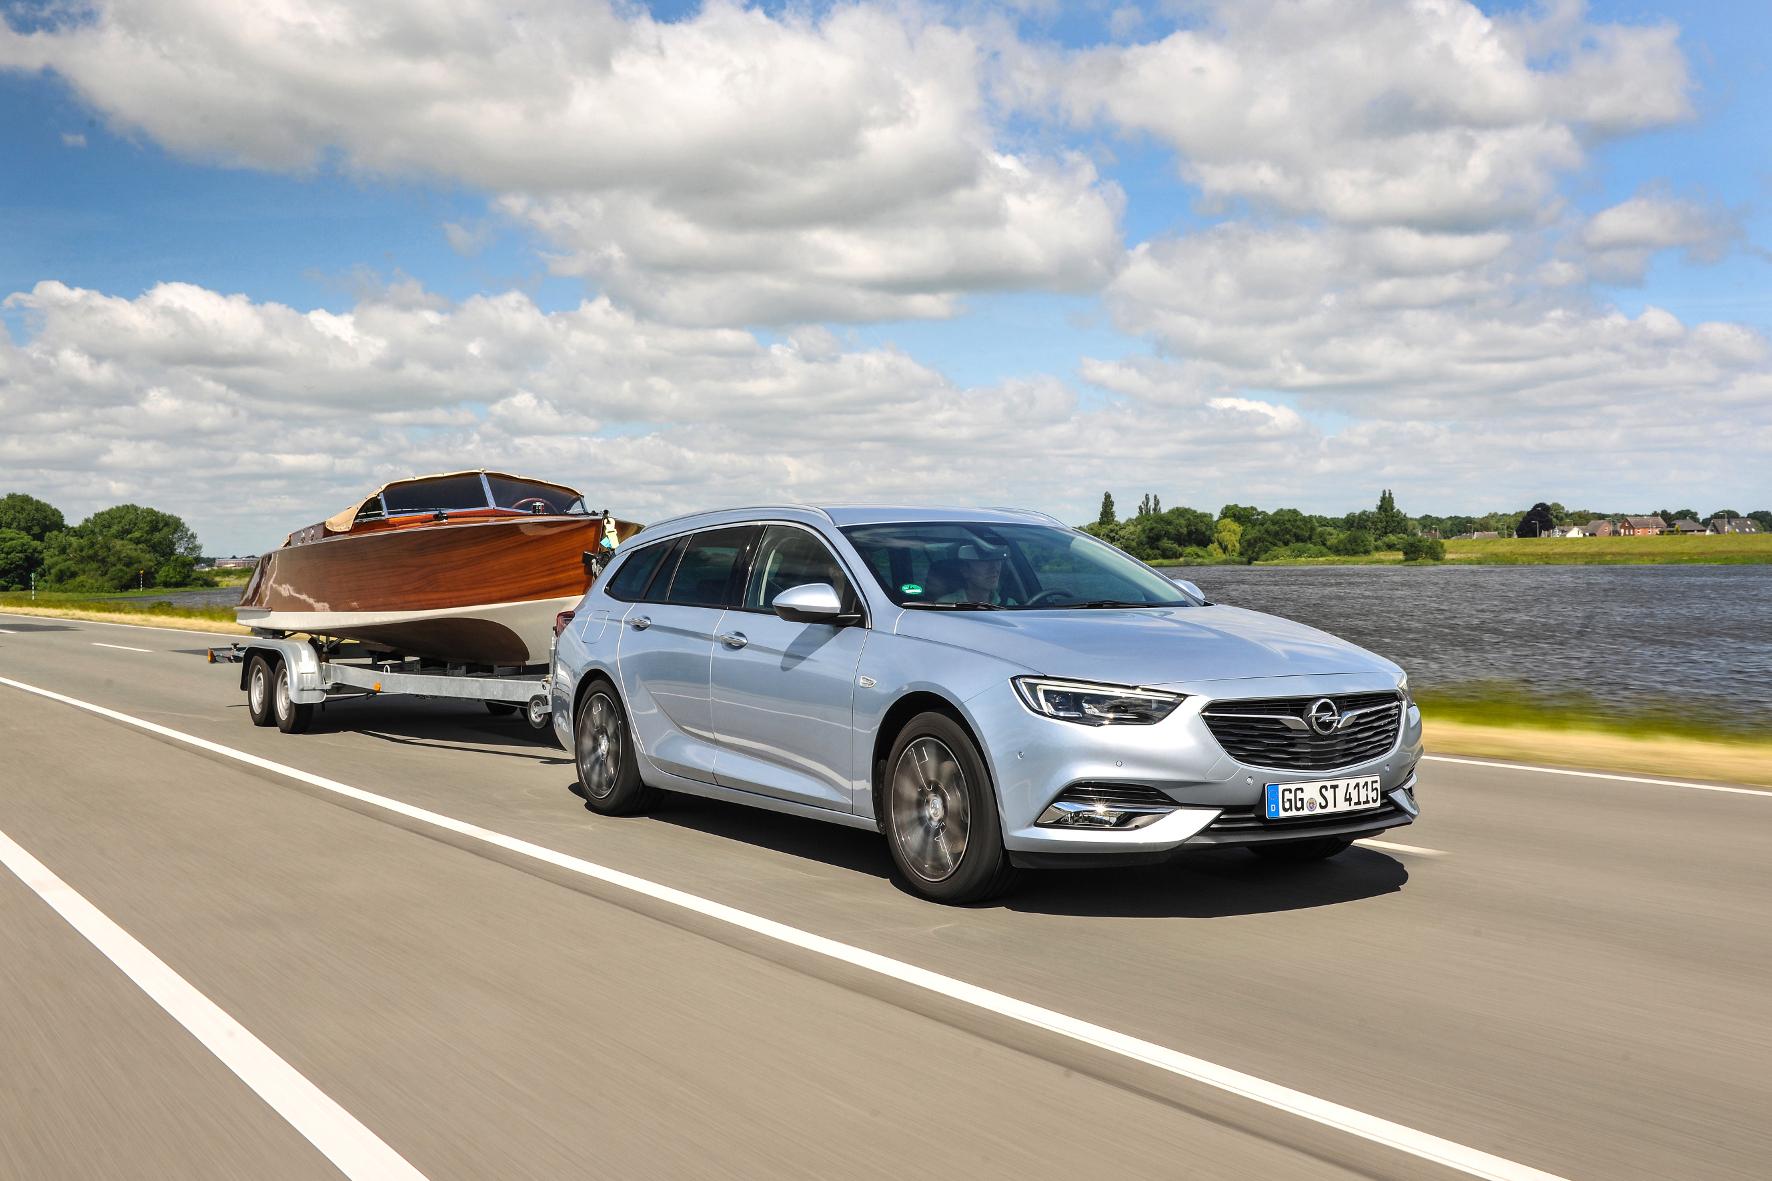 Das Opel-Flaggschiff hat abgespeckt und wurde aufgewertet